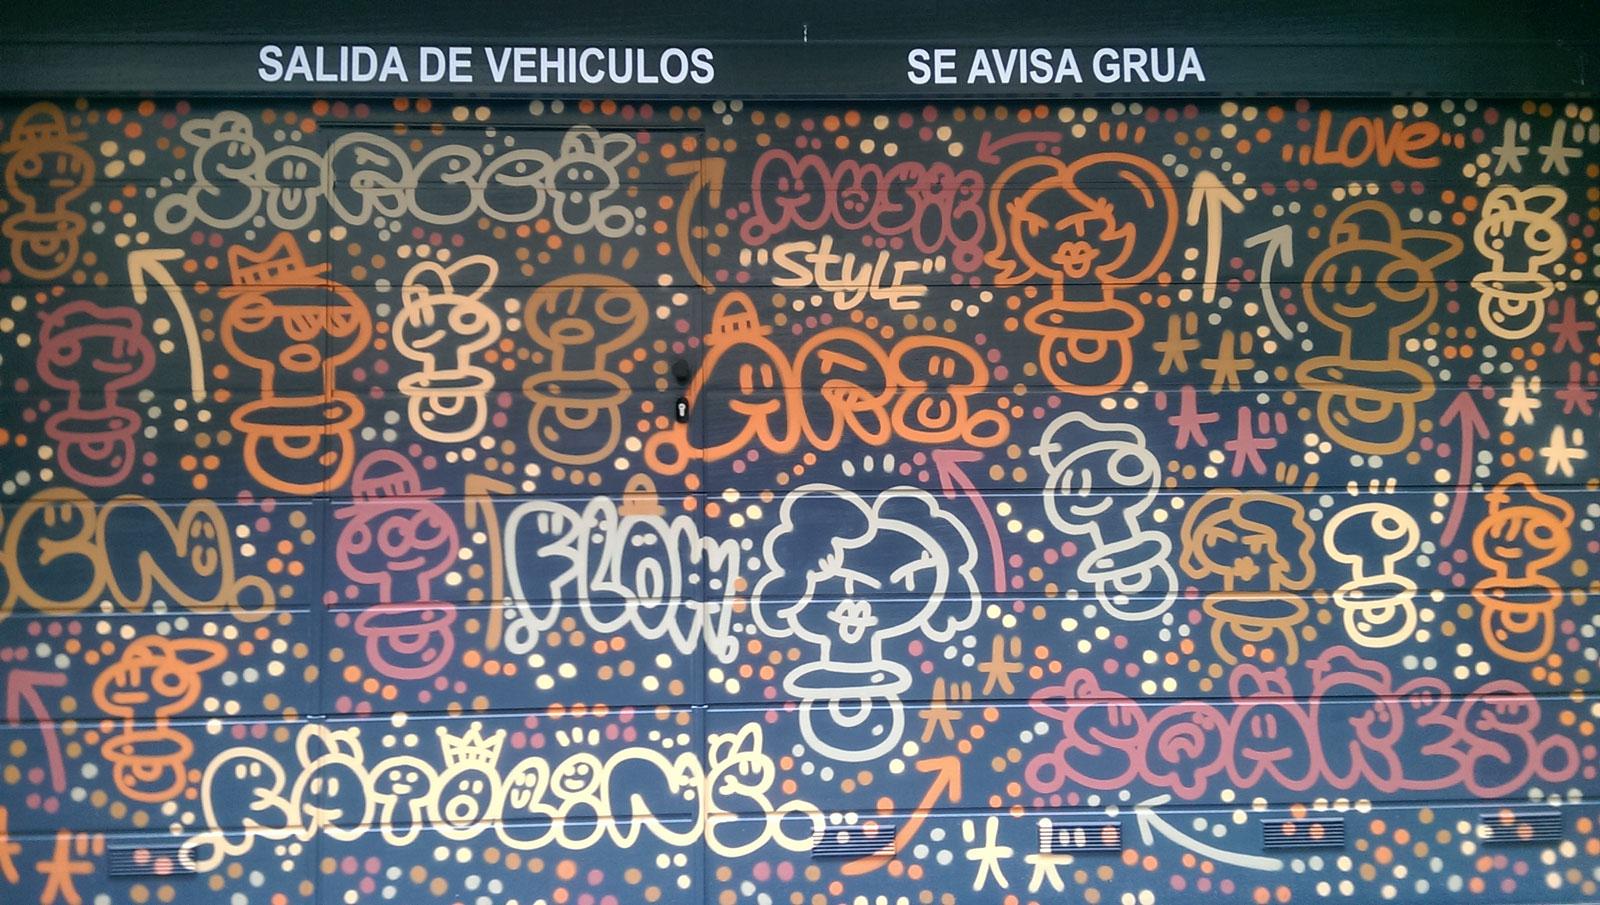 Gual per a cotxes, carrer Sant Eusebi, Barcelona, febrero 2017